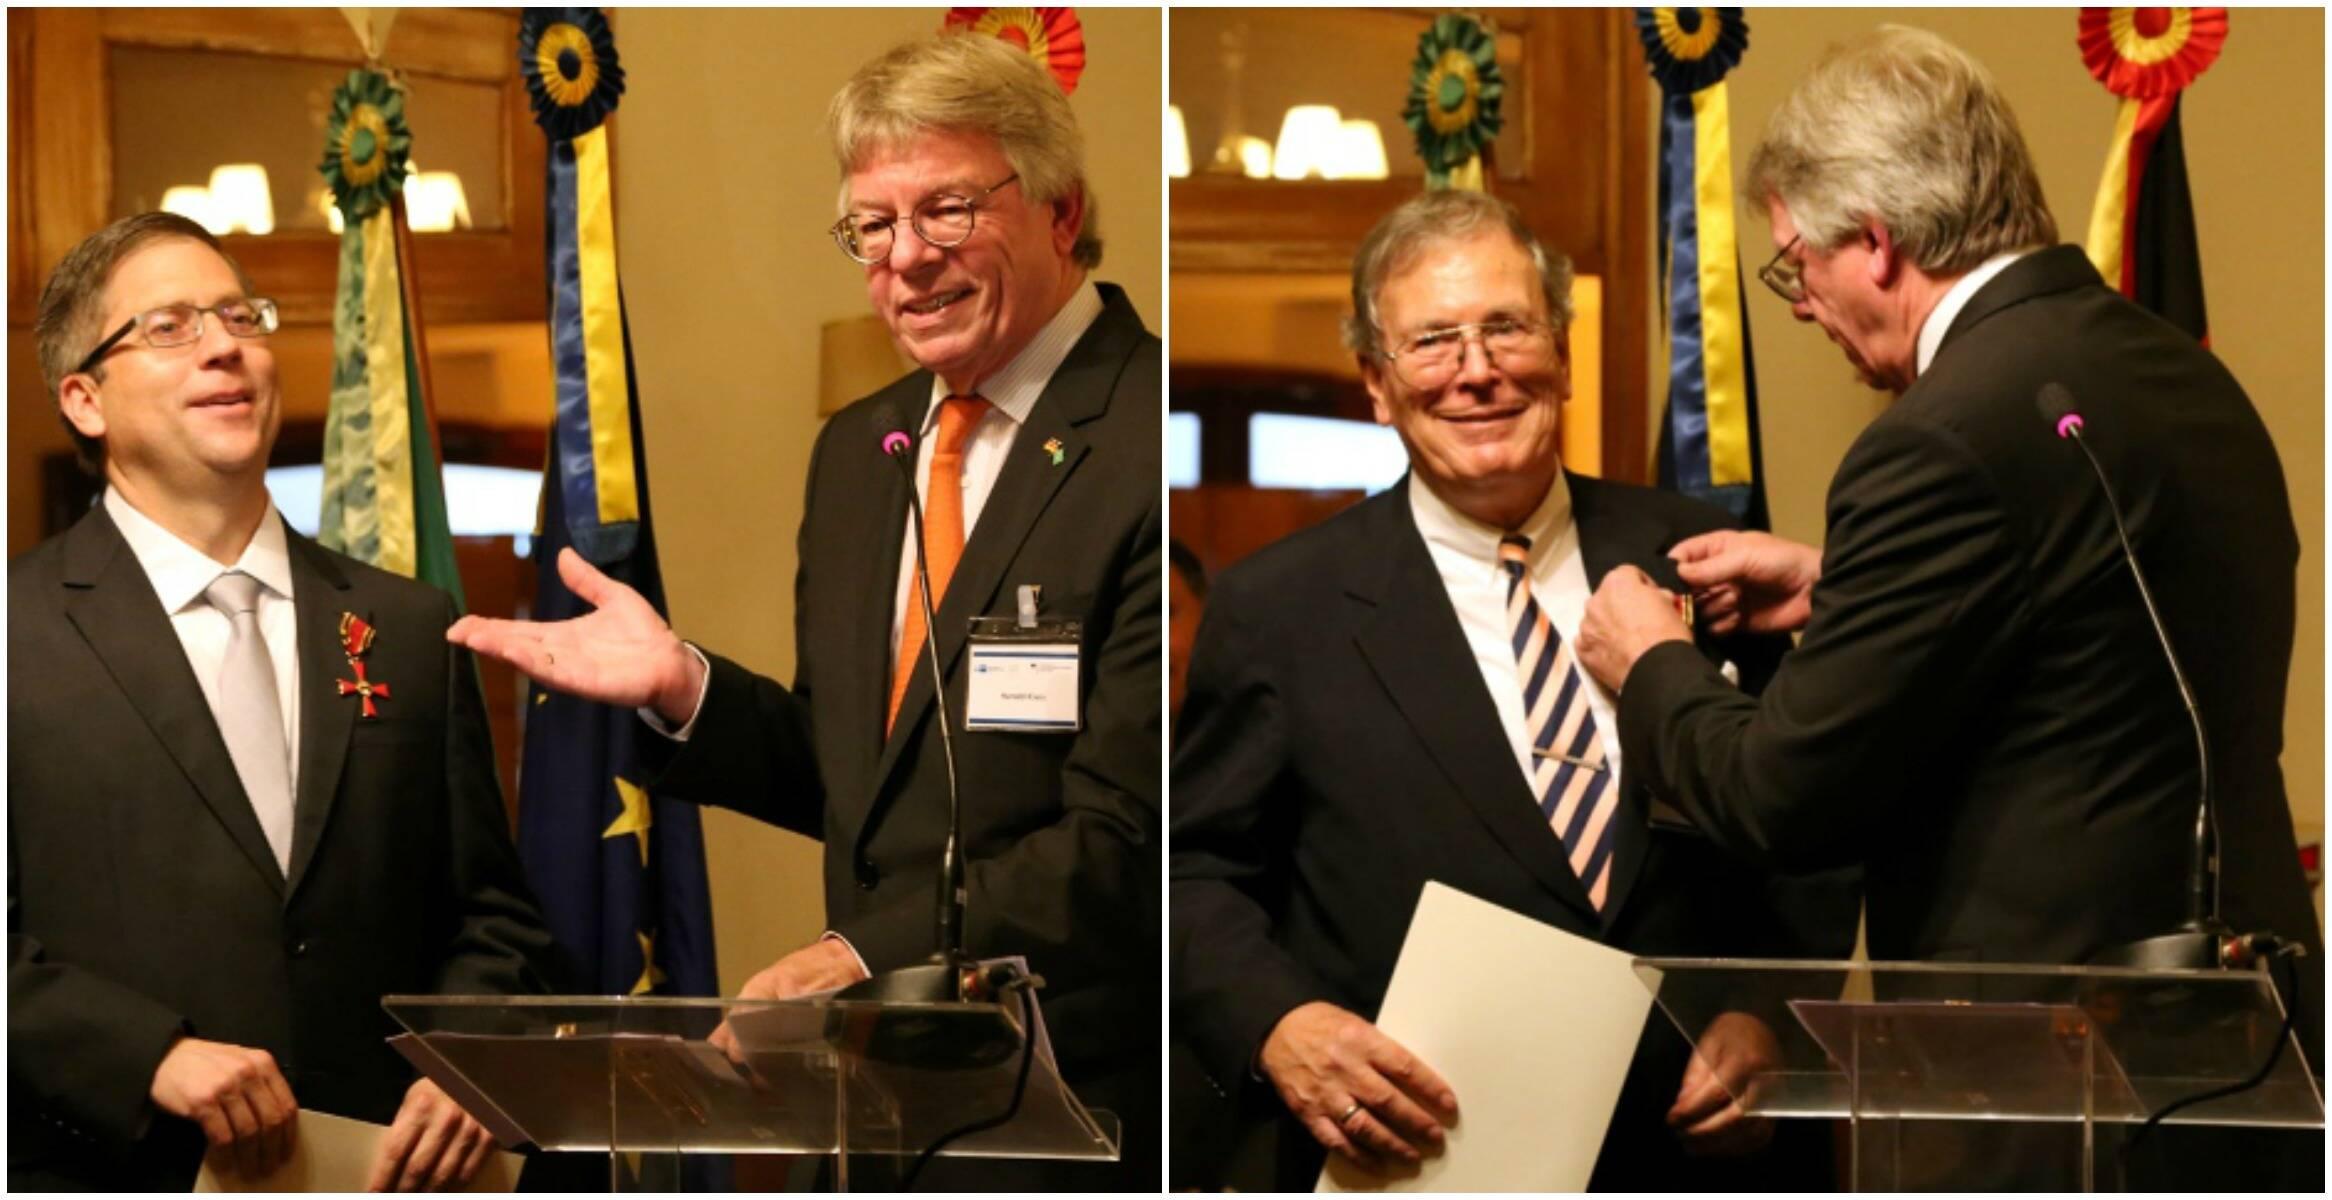 O cônsul Harald entrega a  Cruz de Cavalheiro da Ordem do Mérito a Gabriel Leonardos, à esquerda: ao lado, com o outro homenageado, Rolf Michael Bohnhof / Fotos: divulgação